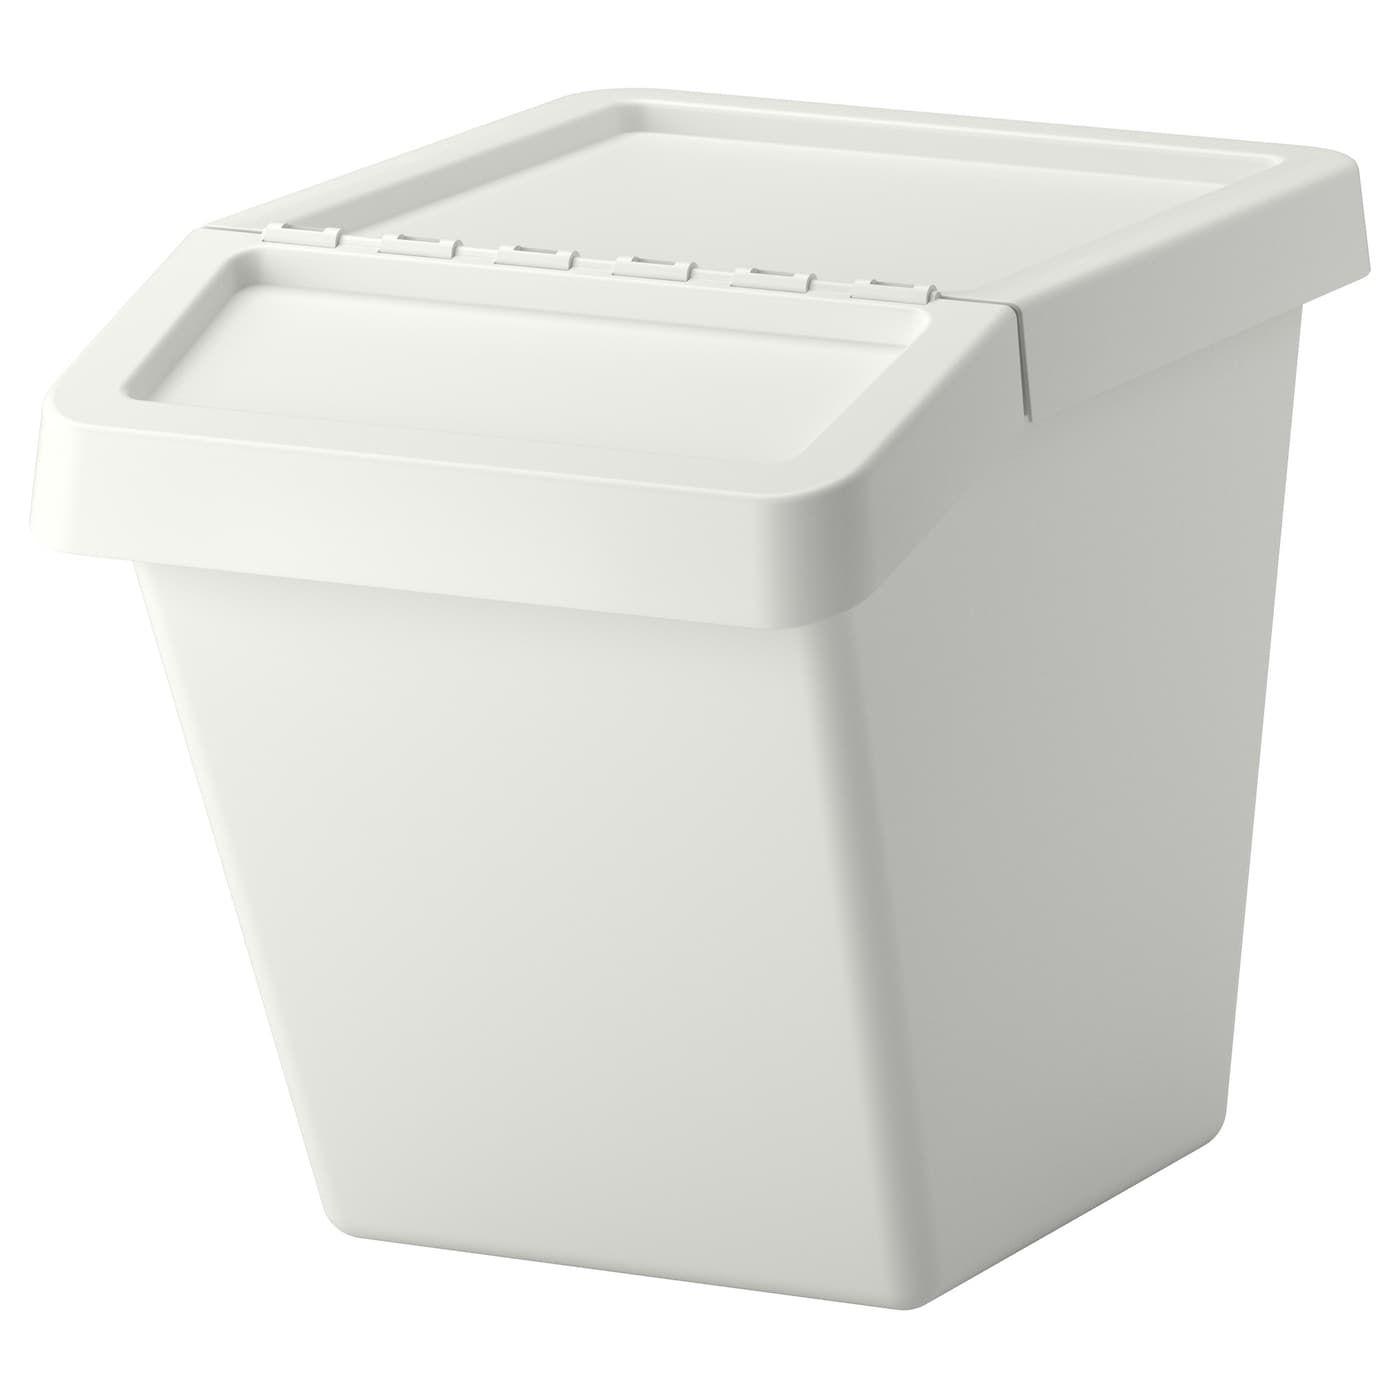 Ikea Sortera Bac Recyclage Avec Couvercle Blanc Trash